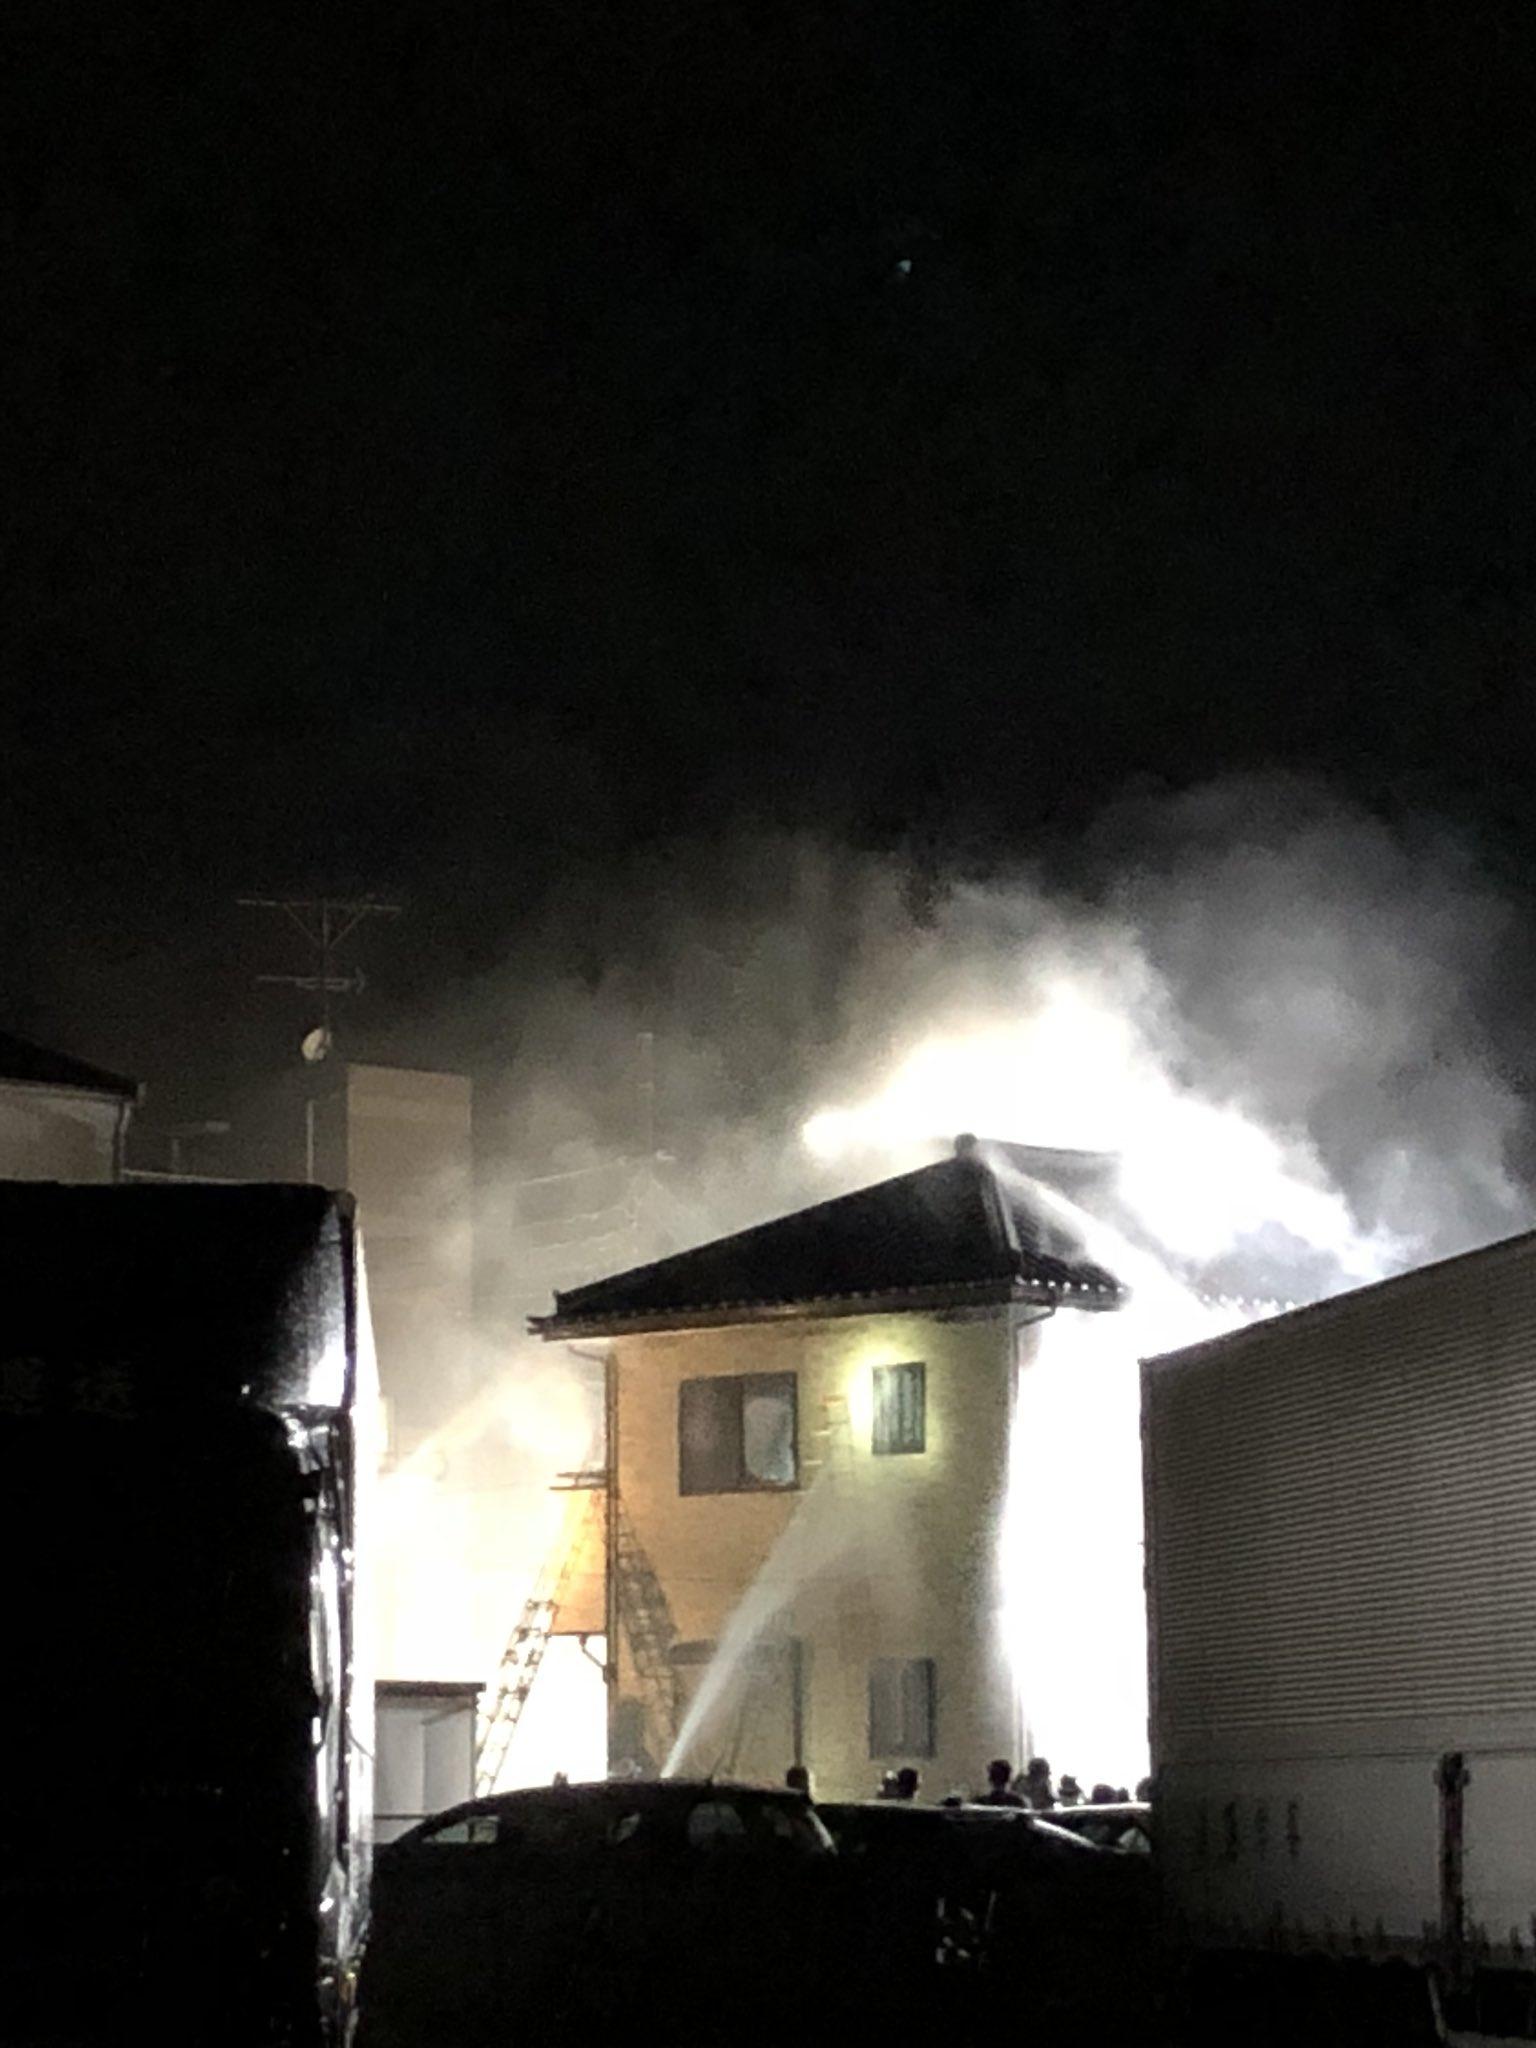 画像,家の近所に雷が落ちて火事になってる! https://t.co/slLUtQl2Wq。